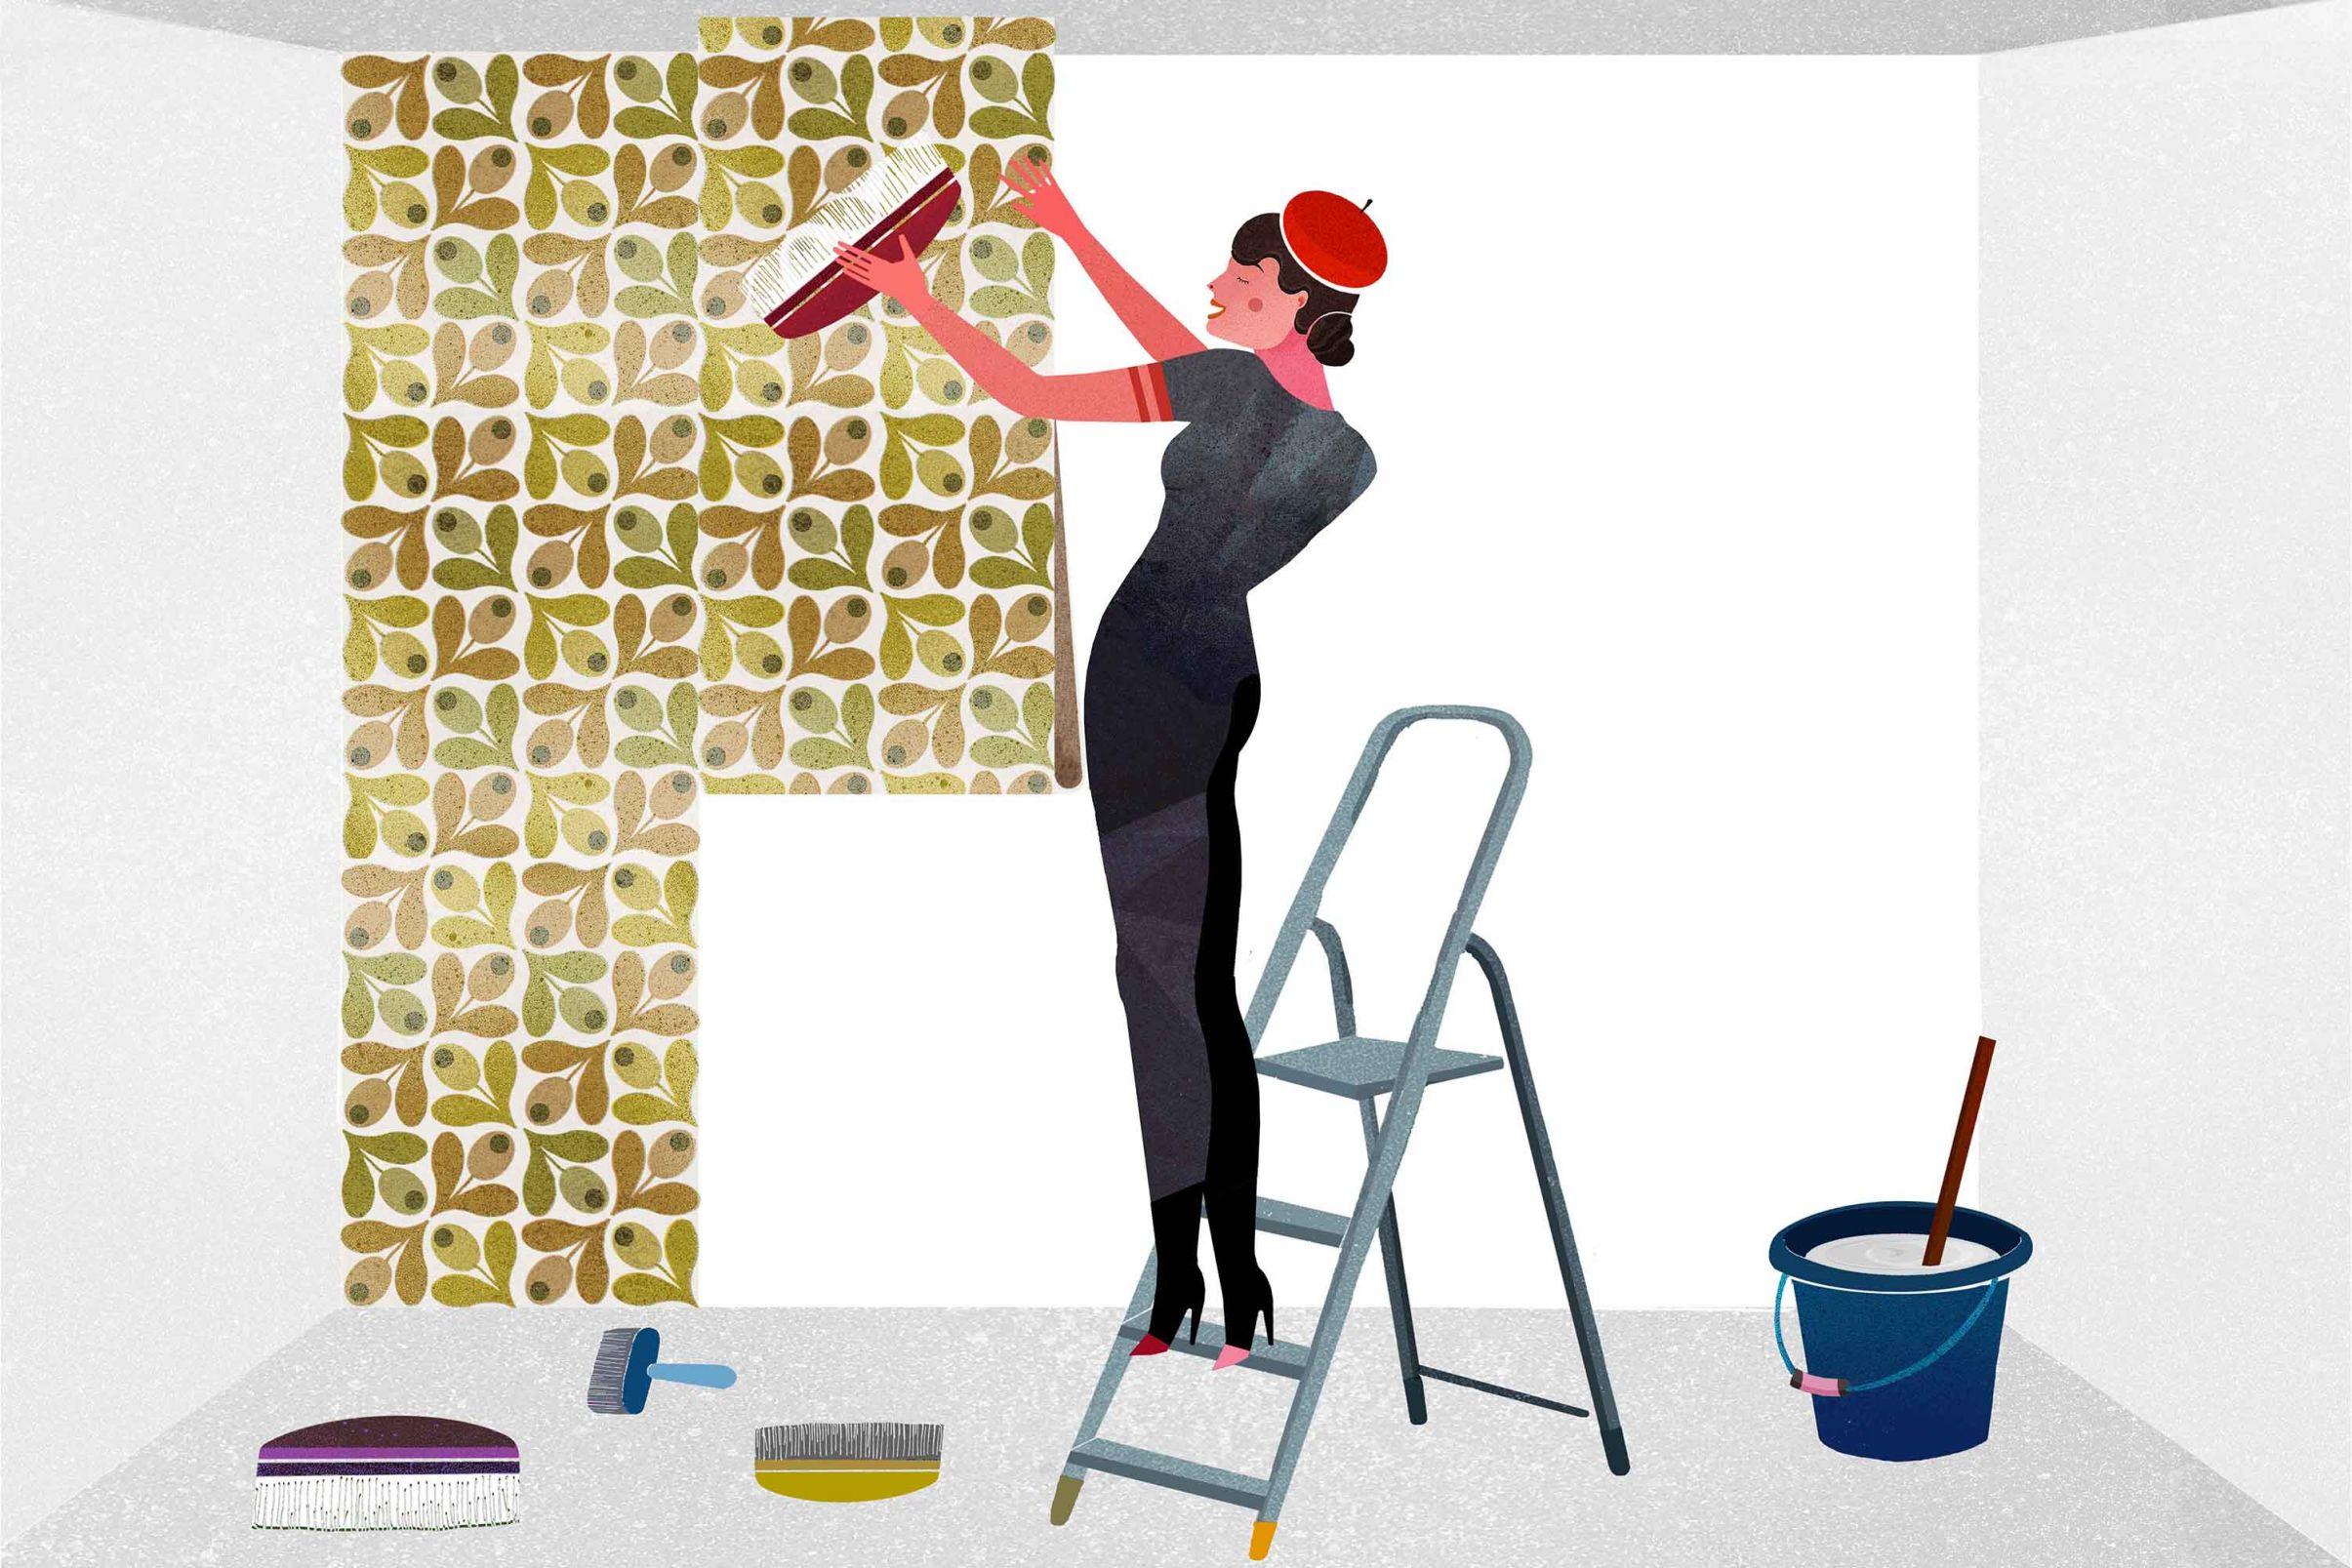 Comment-poser-un-papier-peint-traditionnel-Poser-les-les-de-papier-peint-sur-le-mur